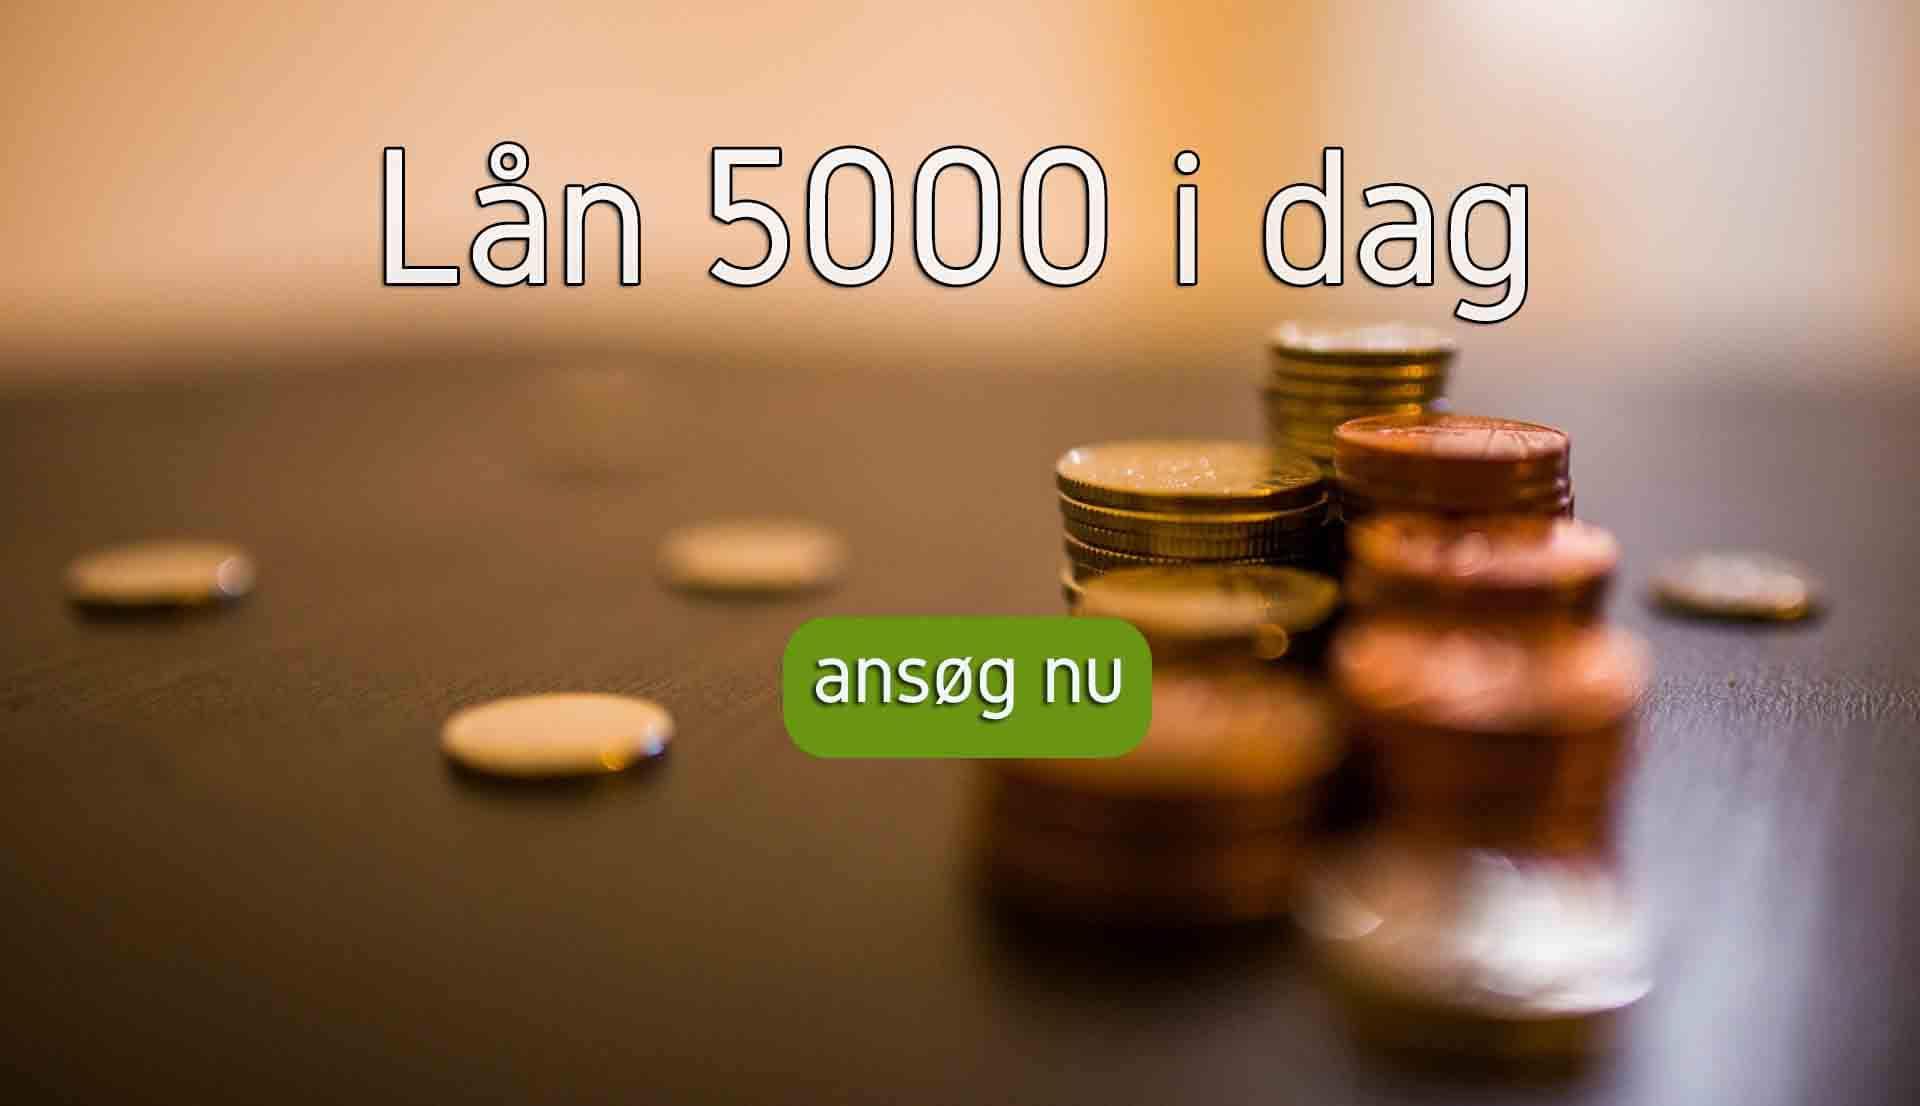 lån 5000 i dag